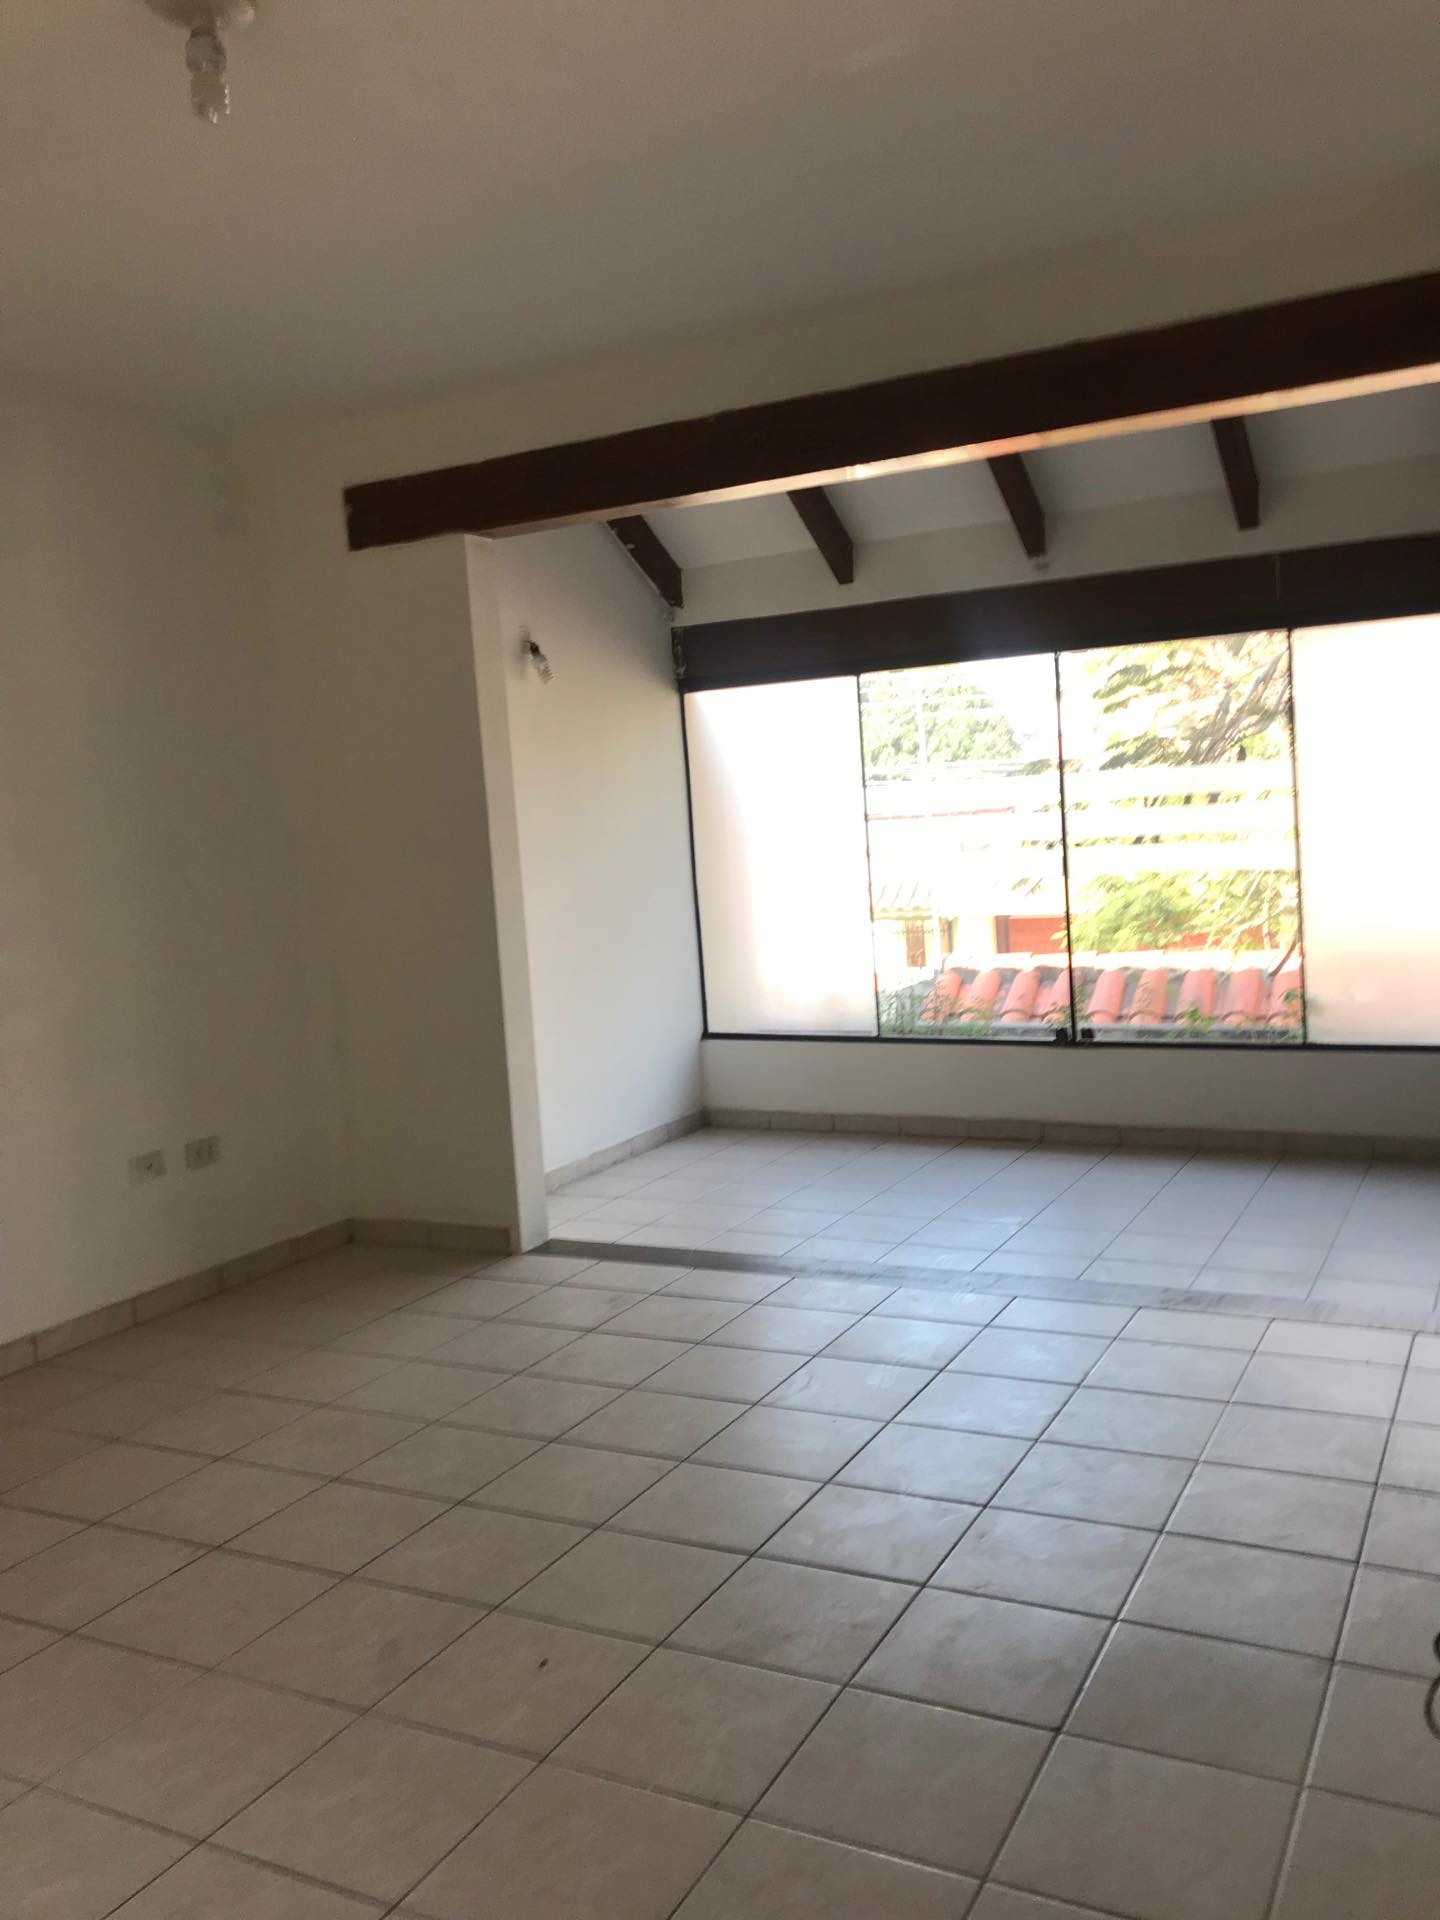 Casa en Alquiler Av. Melchor Pinto entre 1ro y 2do anillo  Foto 5